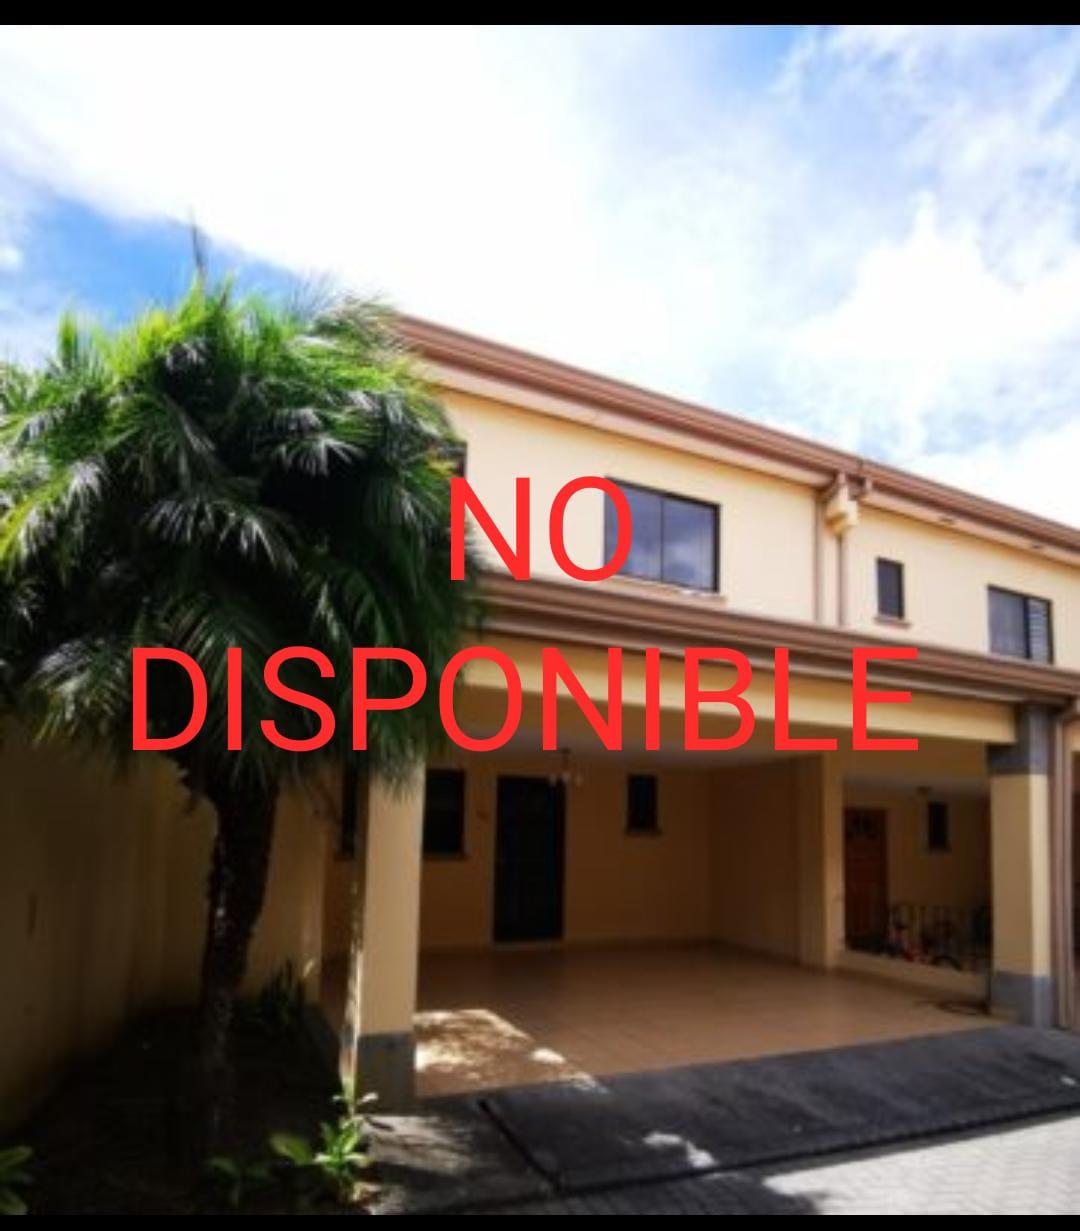 Alquiler de Condominio Residencial Bajareke, Villa Nueva Desamparados